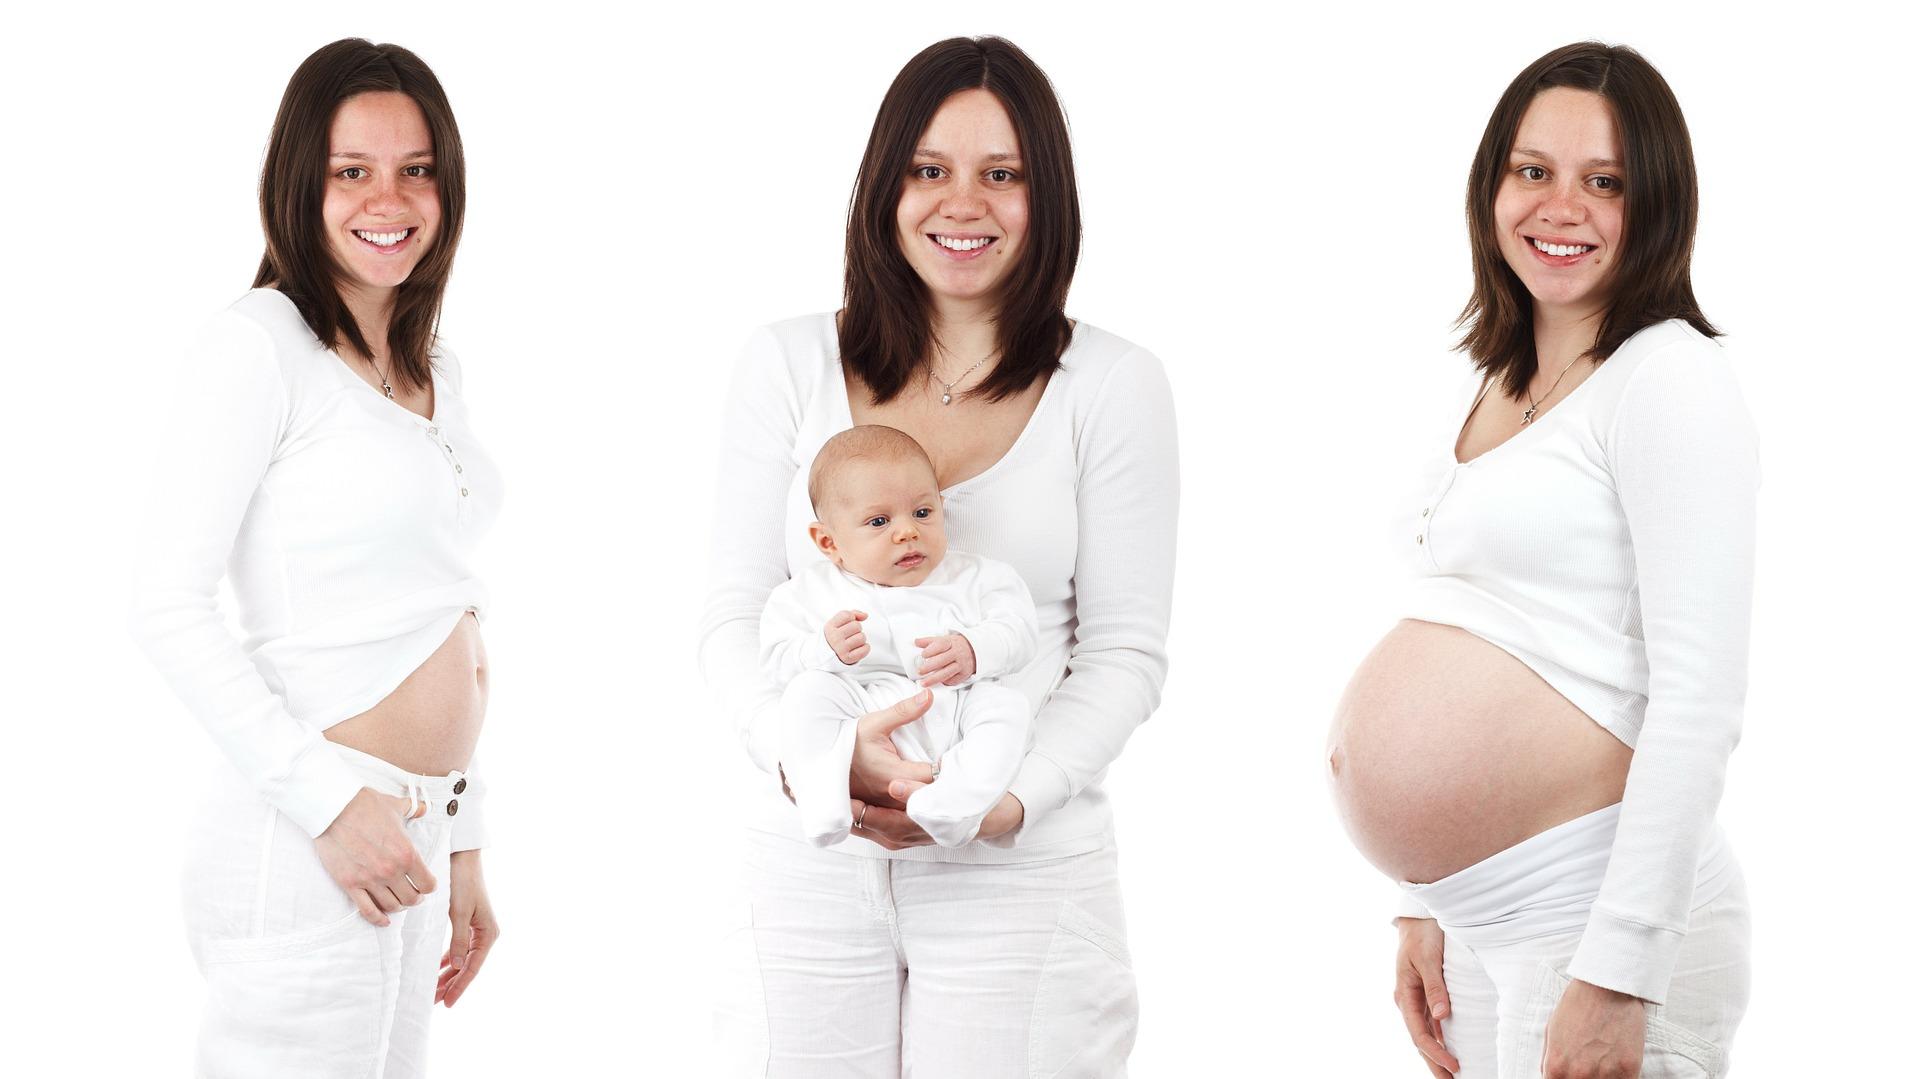 ¿Cómo rehabilitar el suelo pélvico tras el parto?